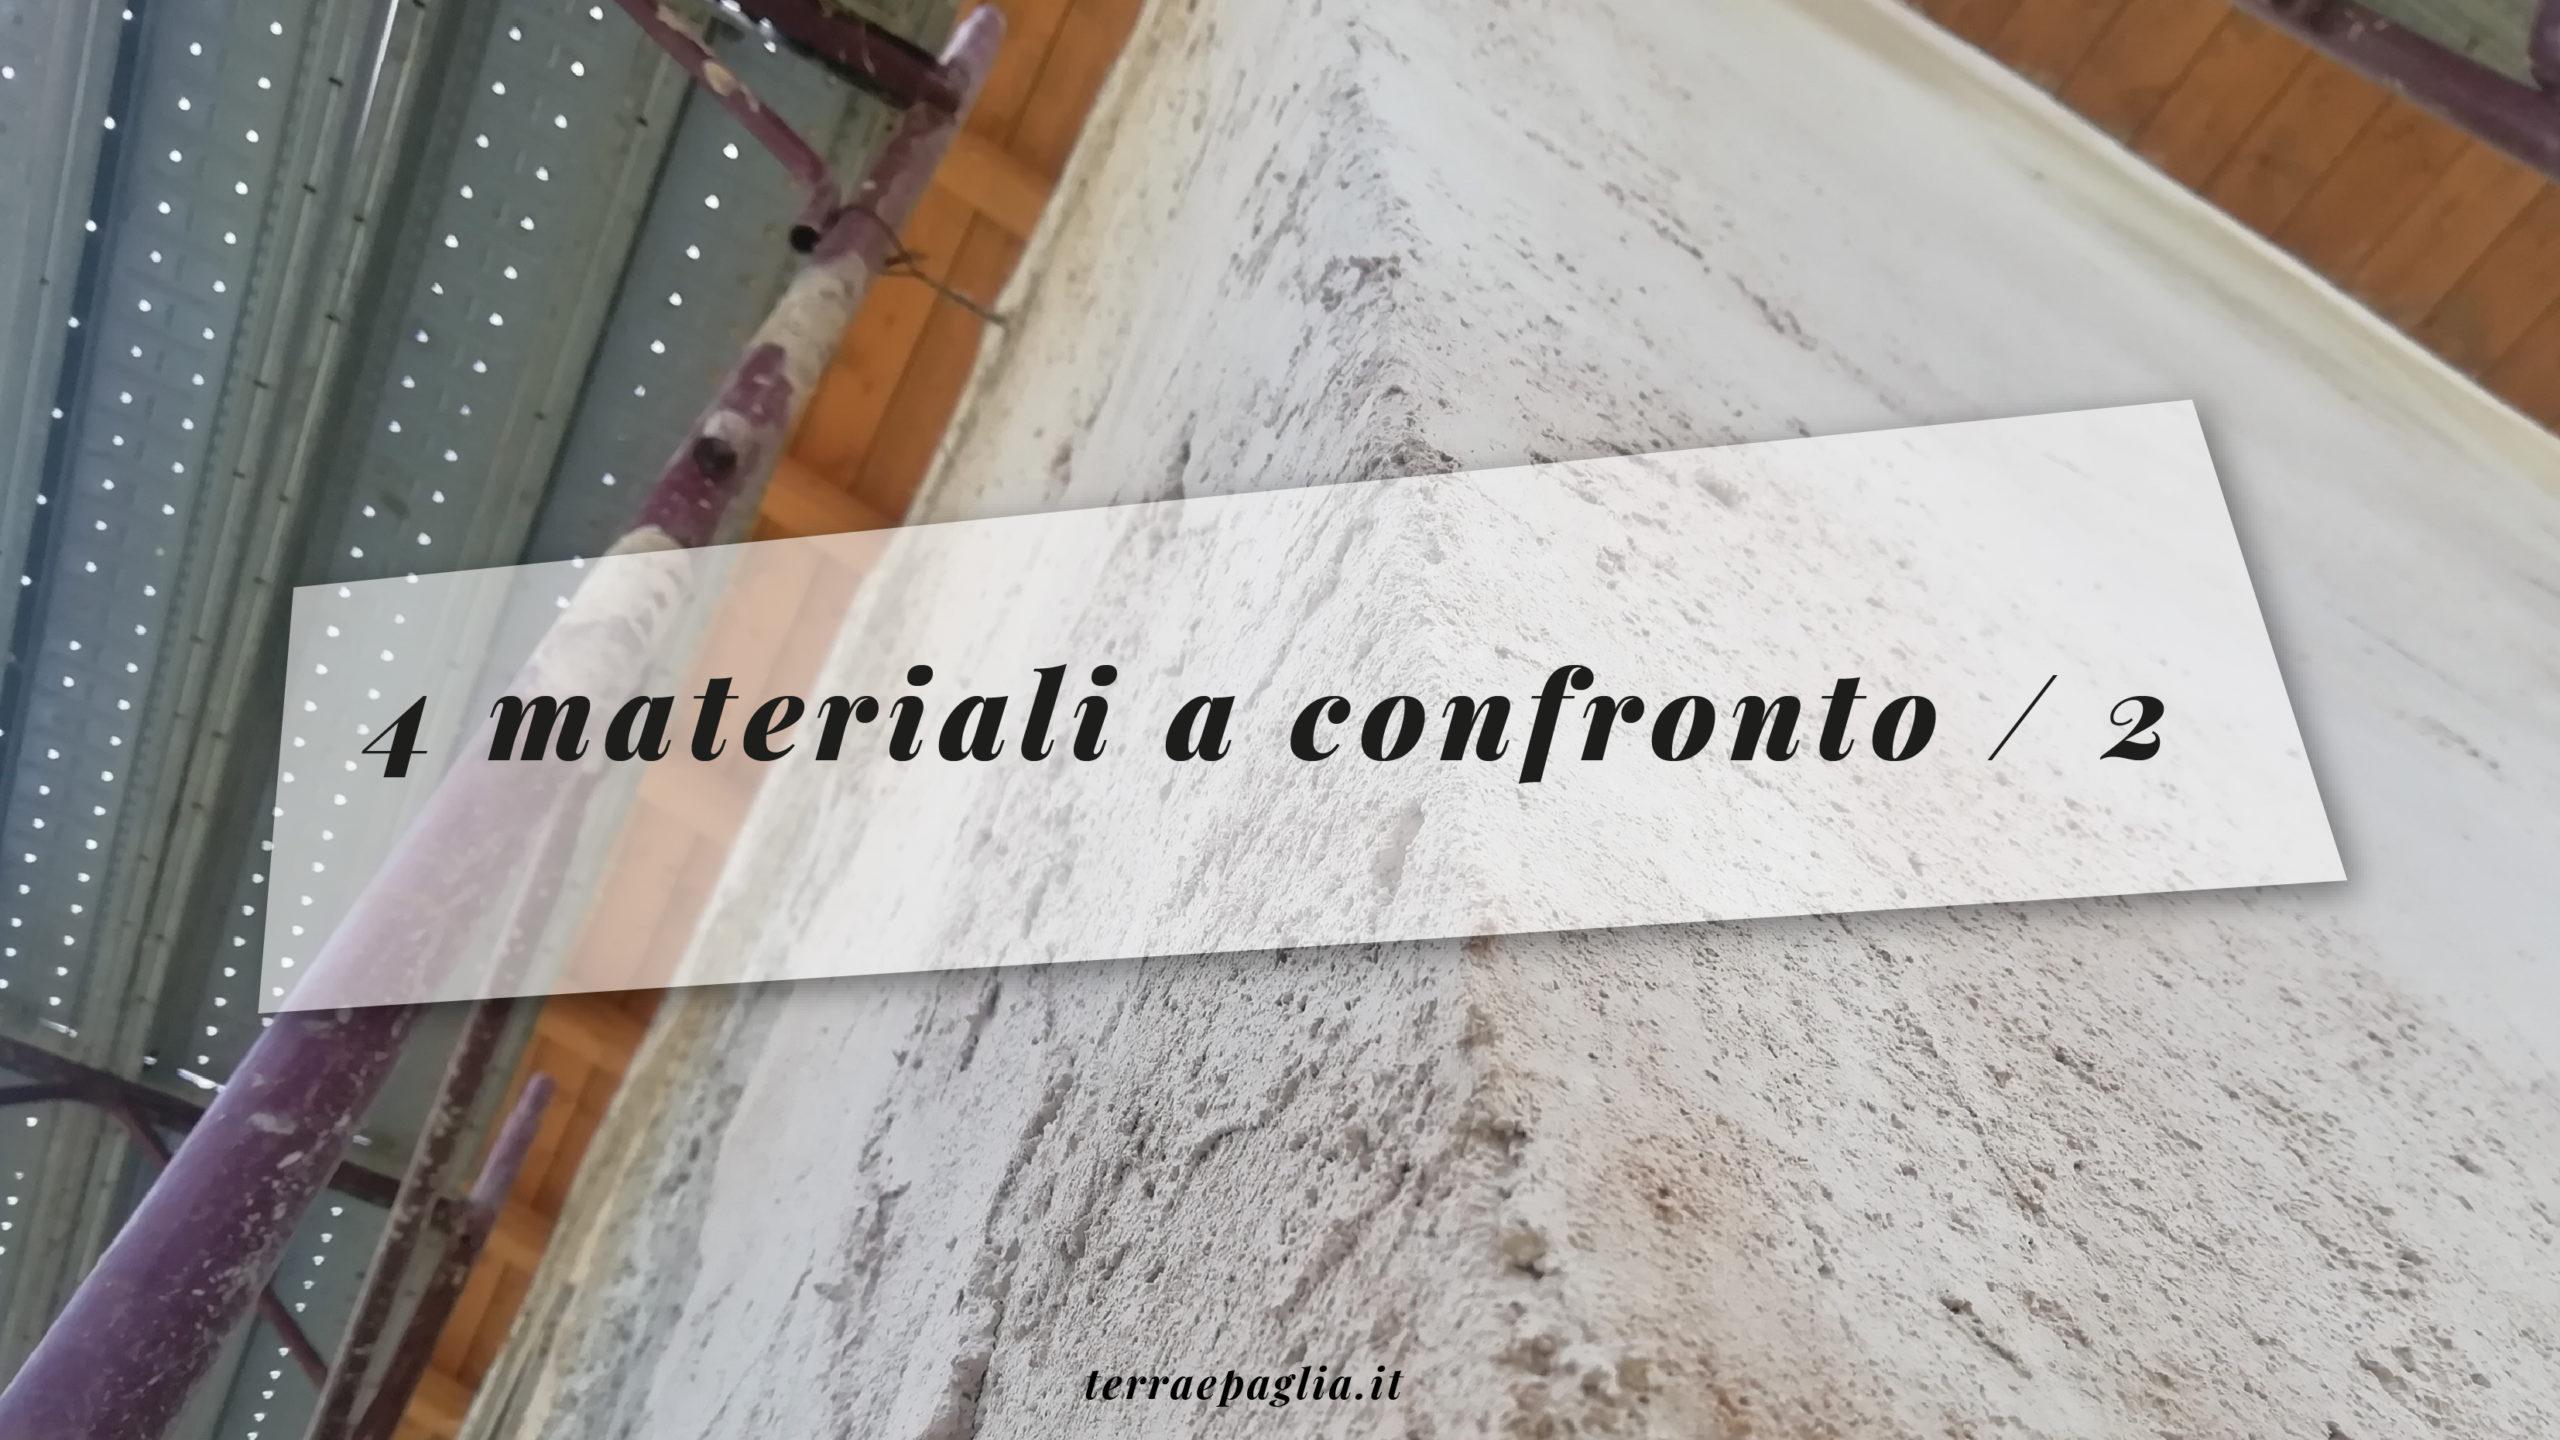 4 materiali naturali a confronto /2